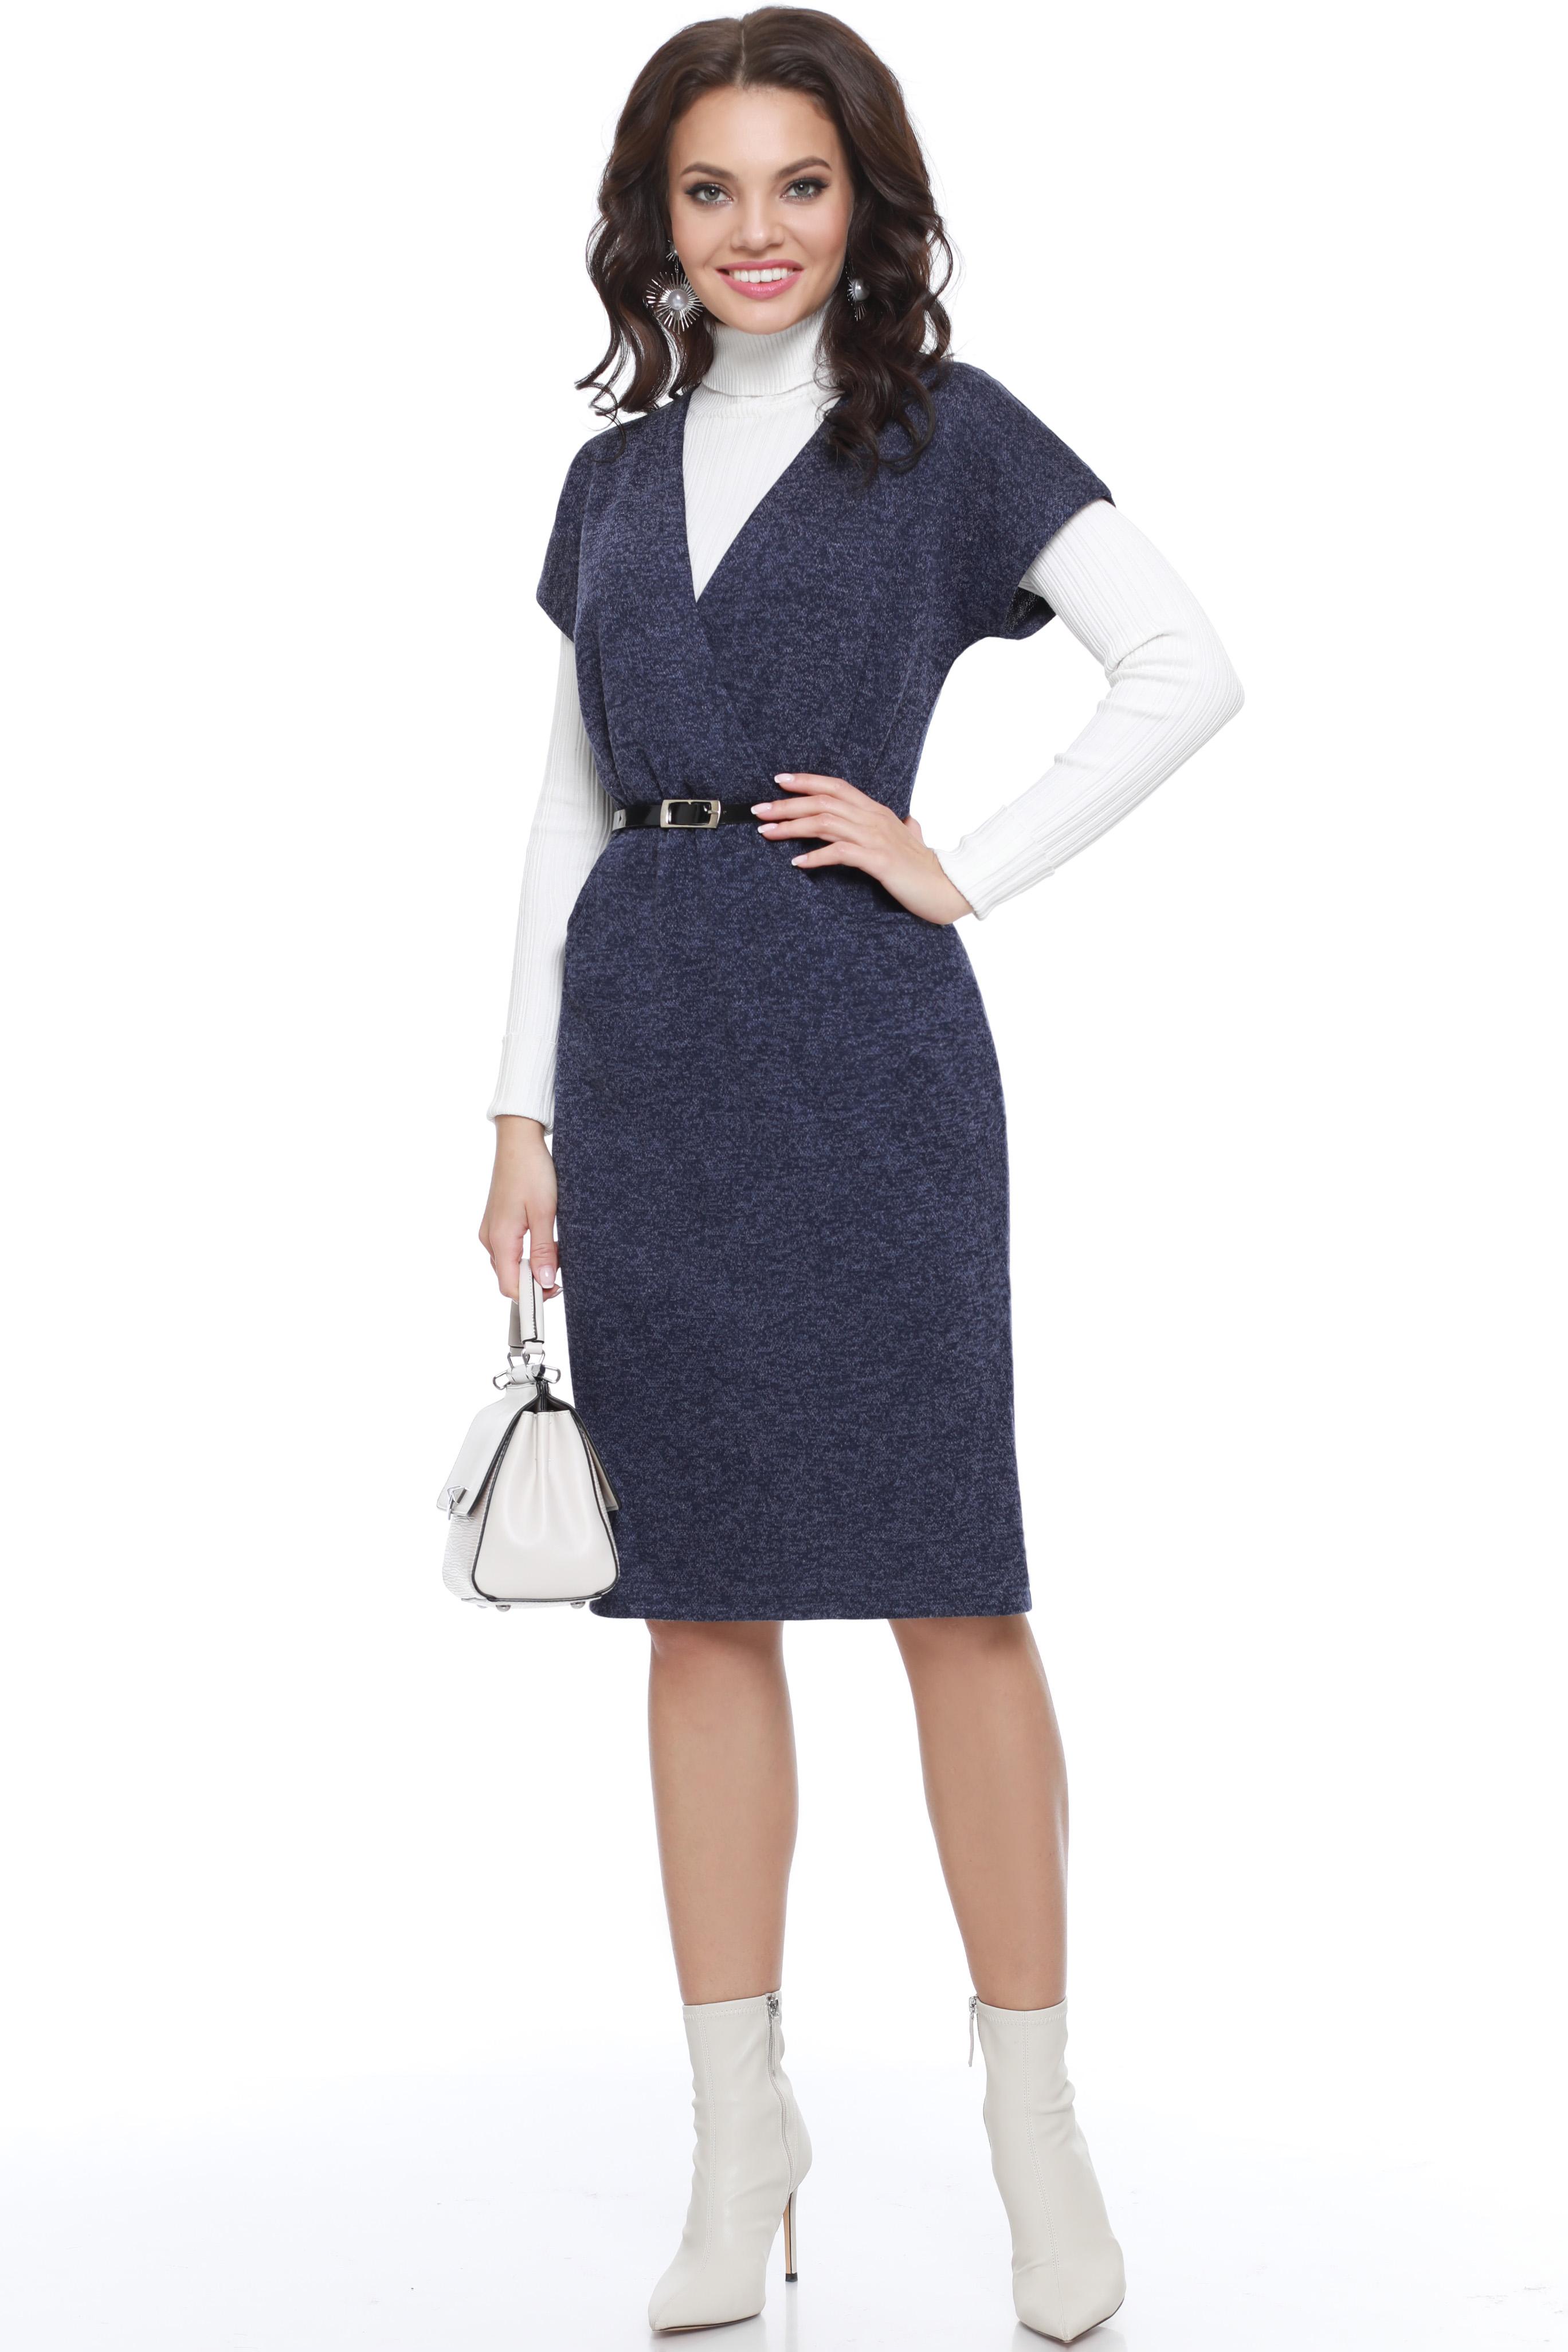 Платье женское Миллена Шарм 94 синее 52 RU